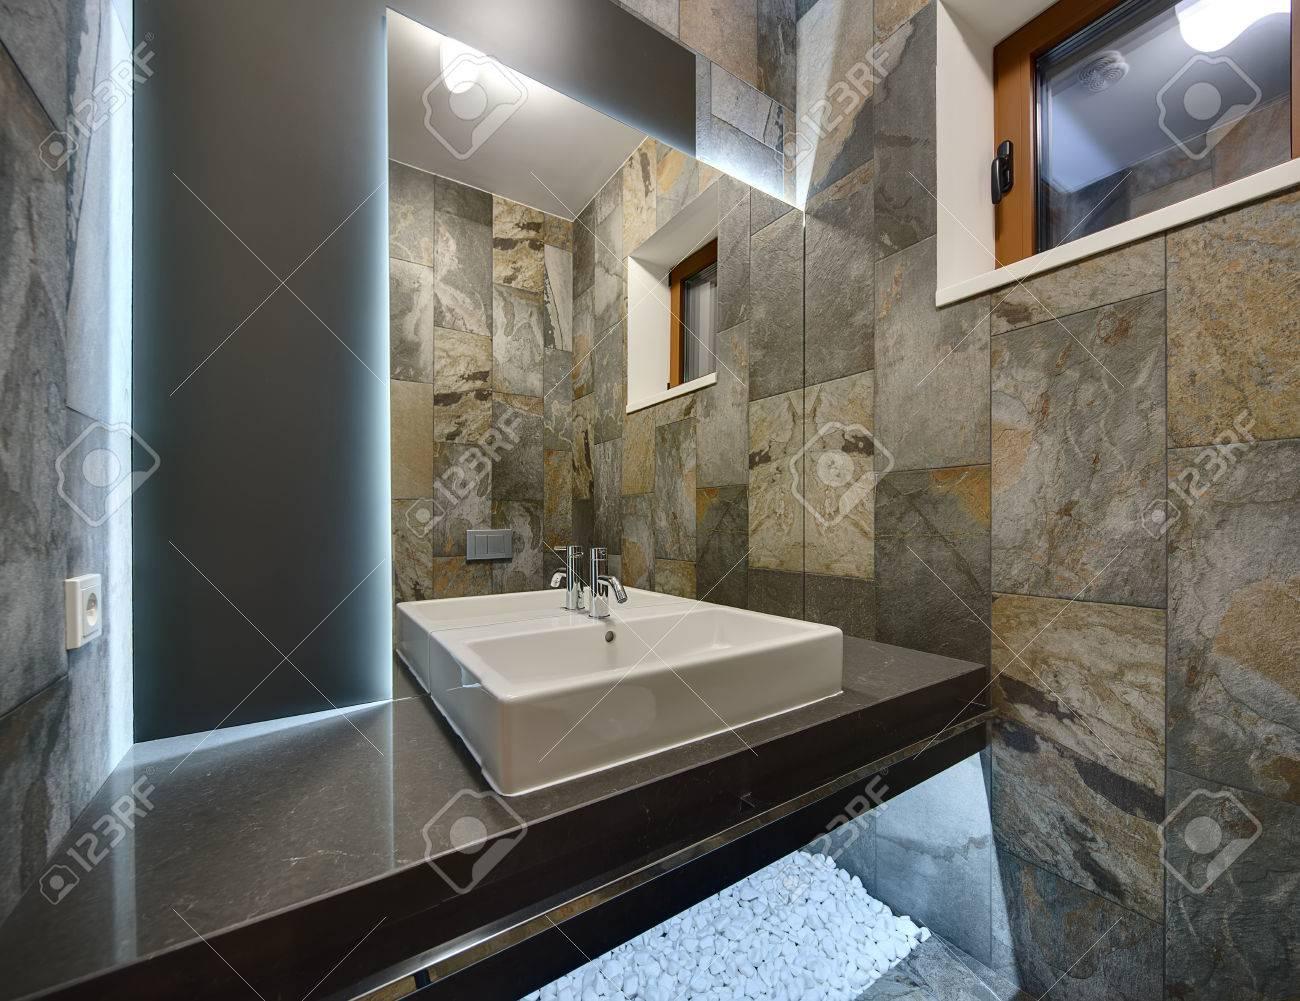 Immagini stock bagno in stile moderno con piastrelle ornamentali